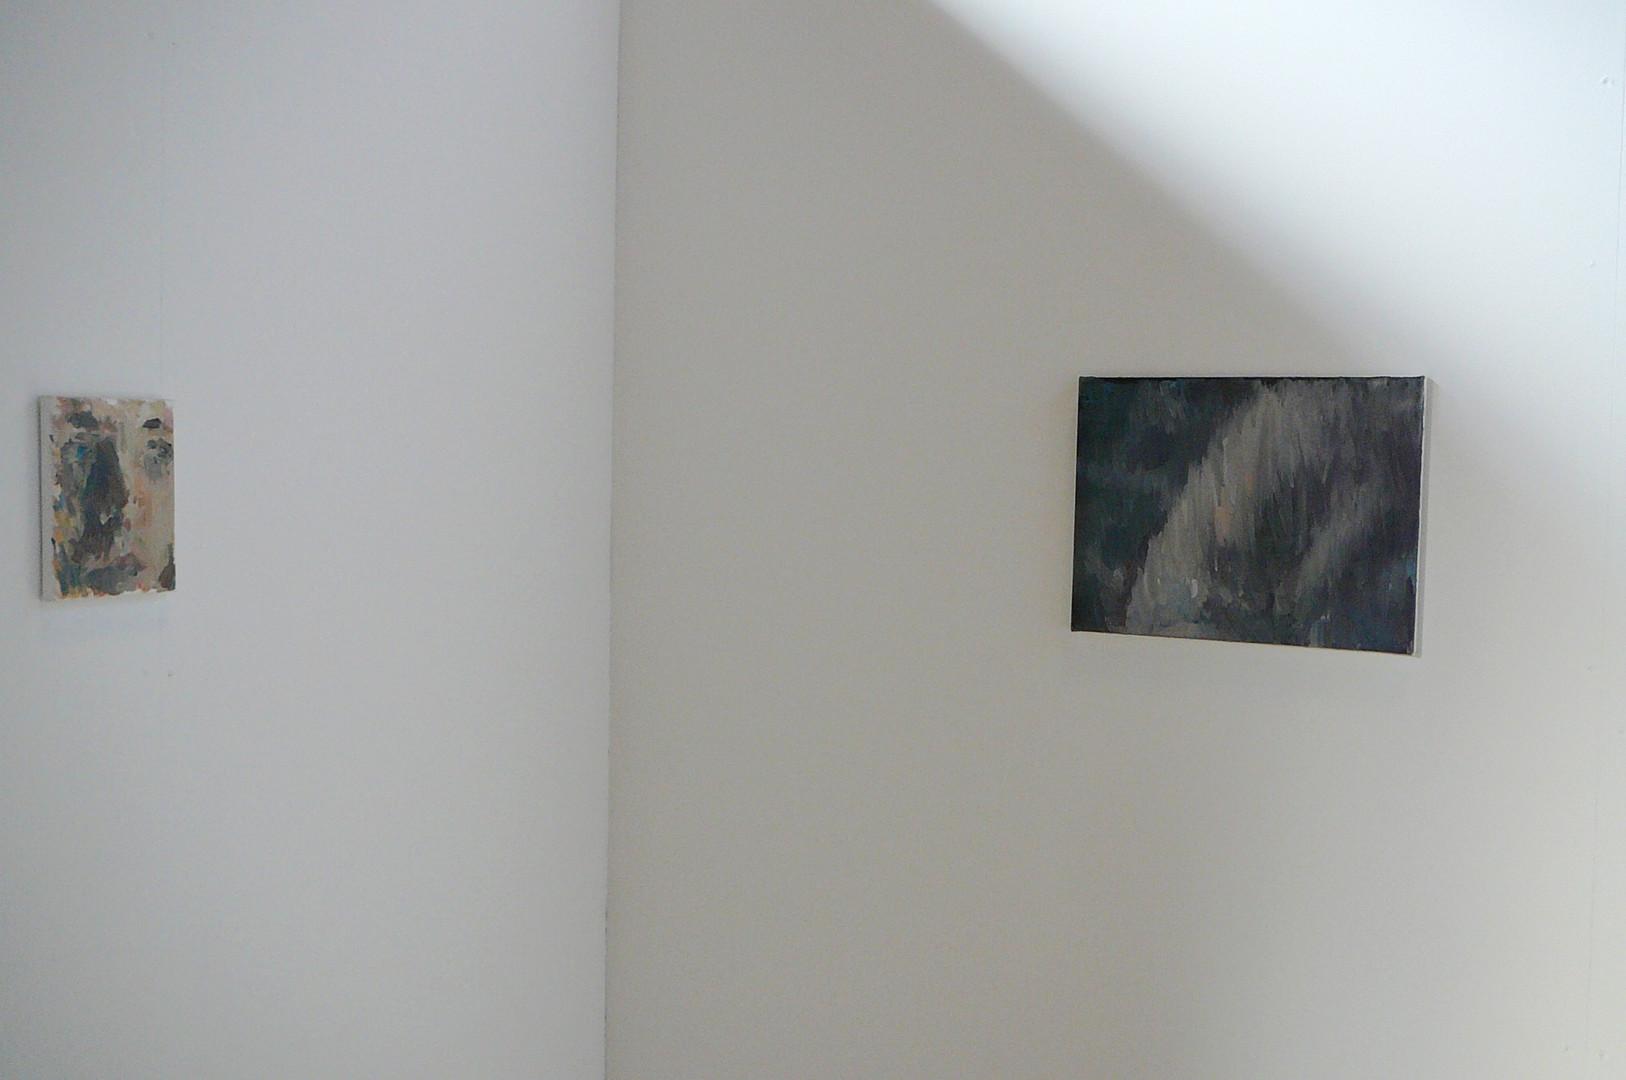 Exhibition Innerspace vol 5, Musée de l'éphémère de Herstal, 2019